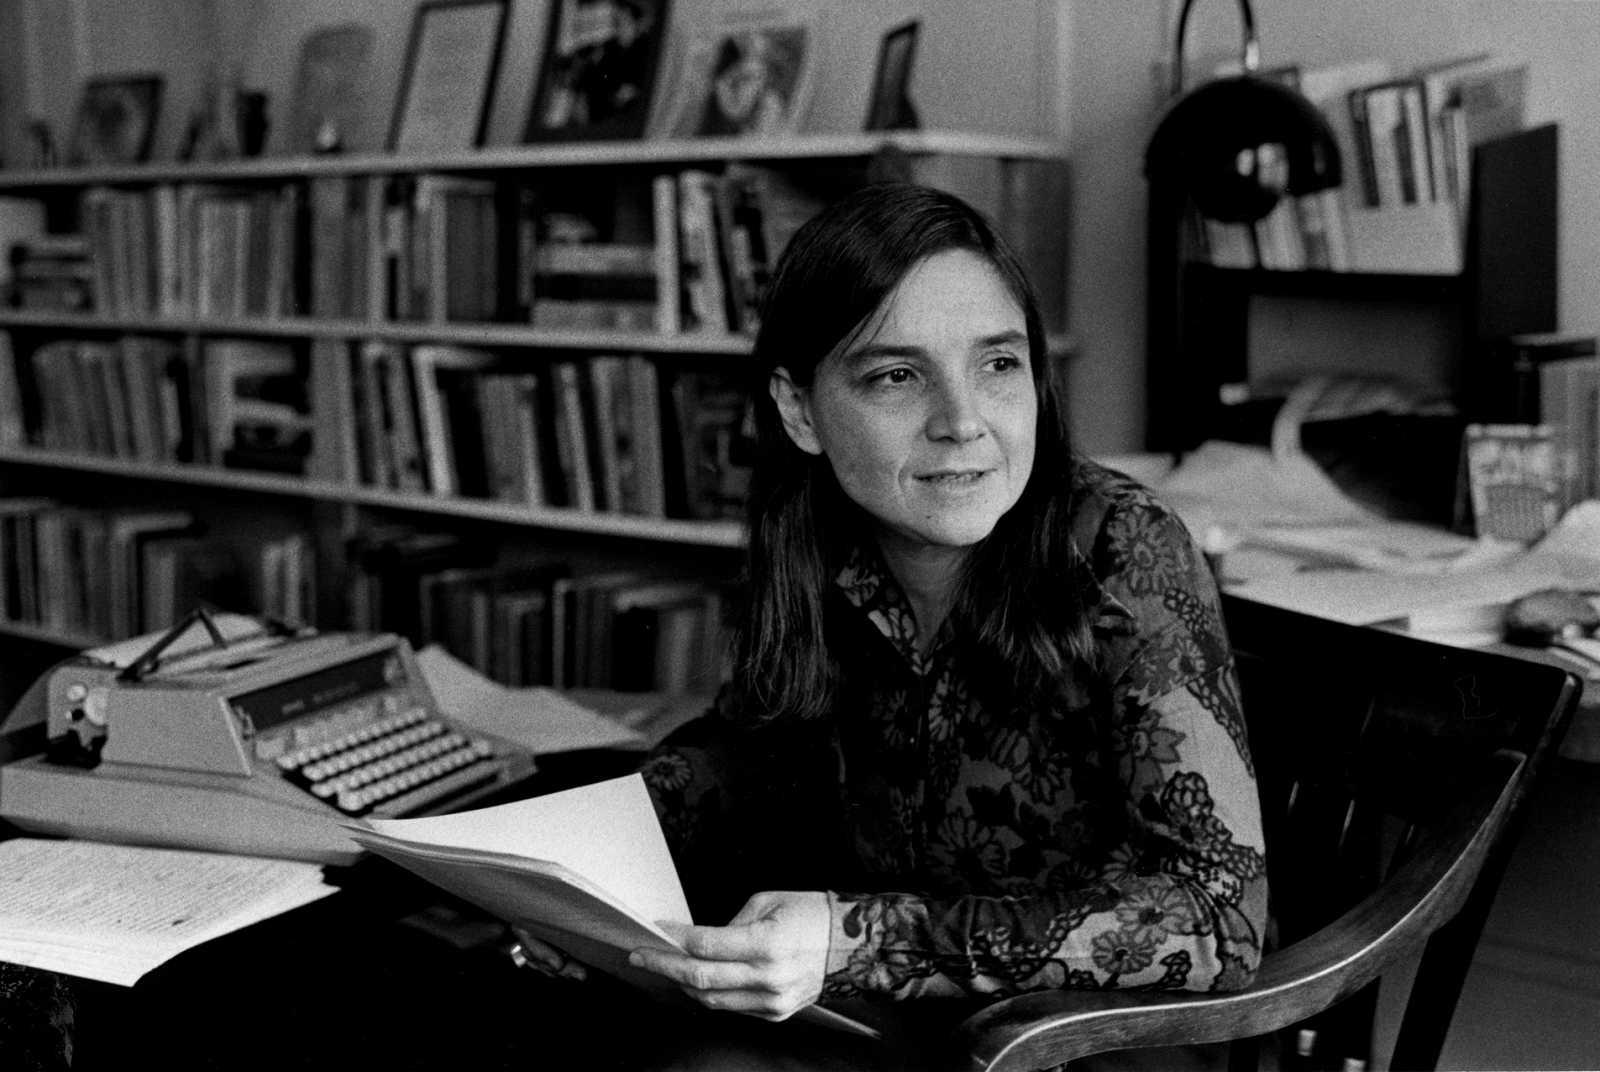 Todos somos sospechosos - Poemas feministas y libros adictivos - 05/02/21 - escuchar ahora